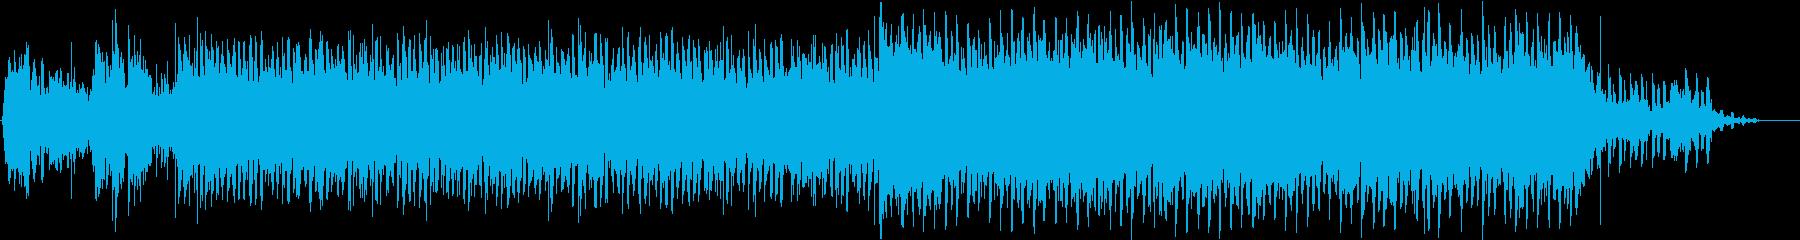 爽やかな未来テクノロジーデジタルサウンドの再生済みの波形